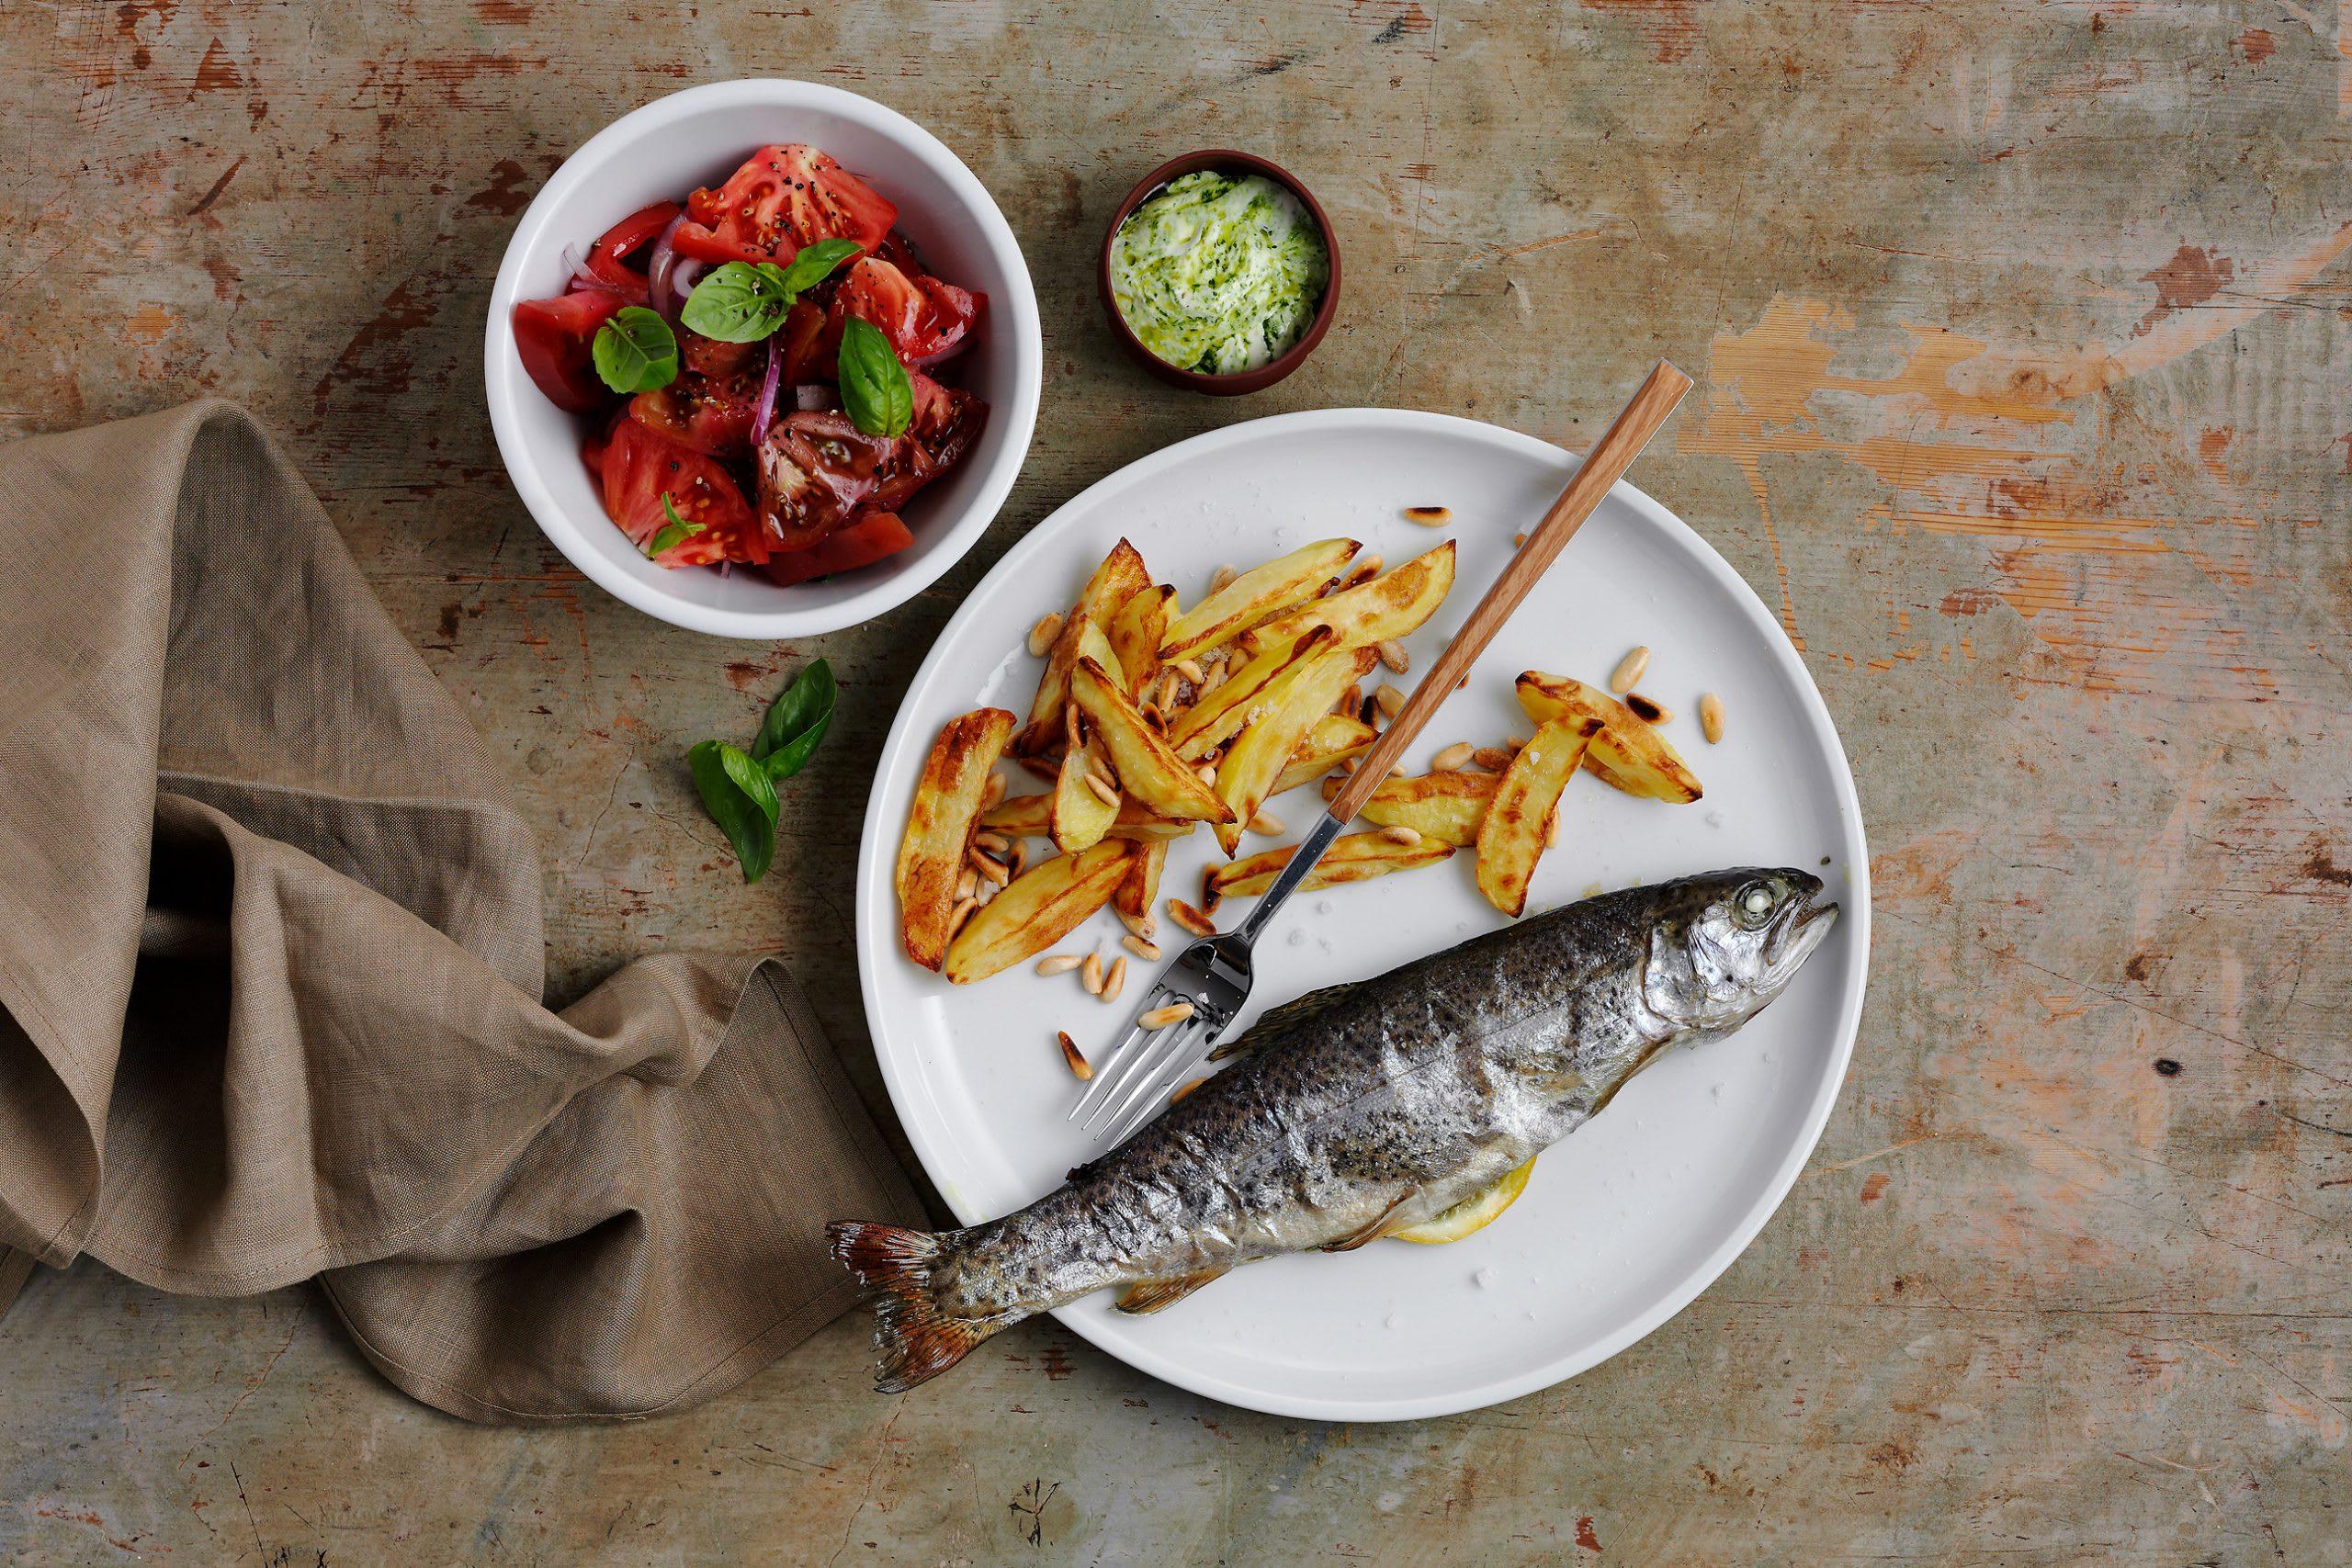 Truite au pesto, salade de tomates et frites au four (low carb)